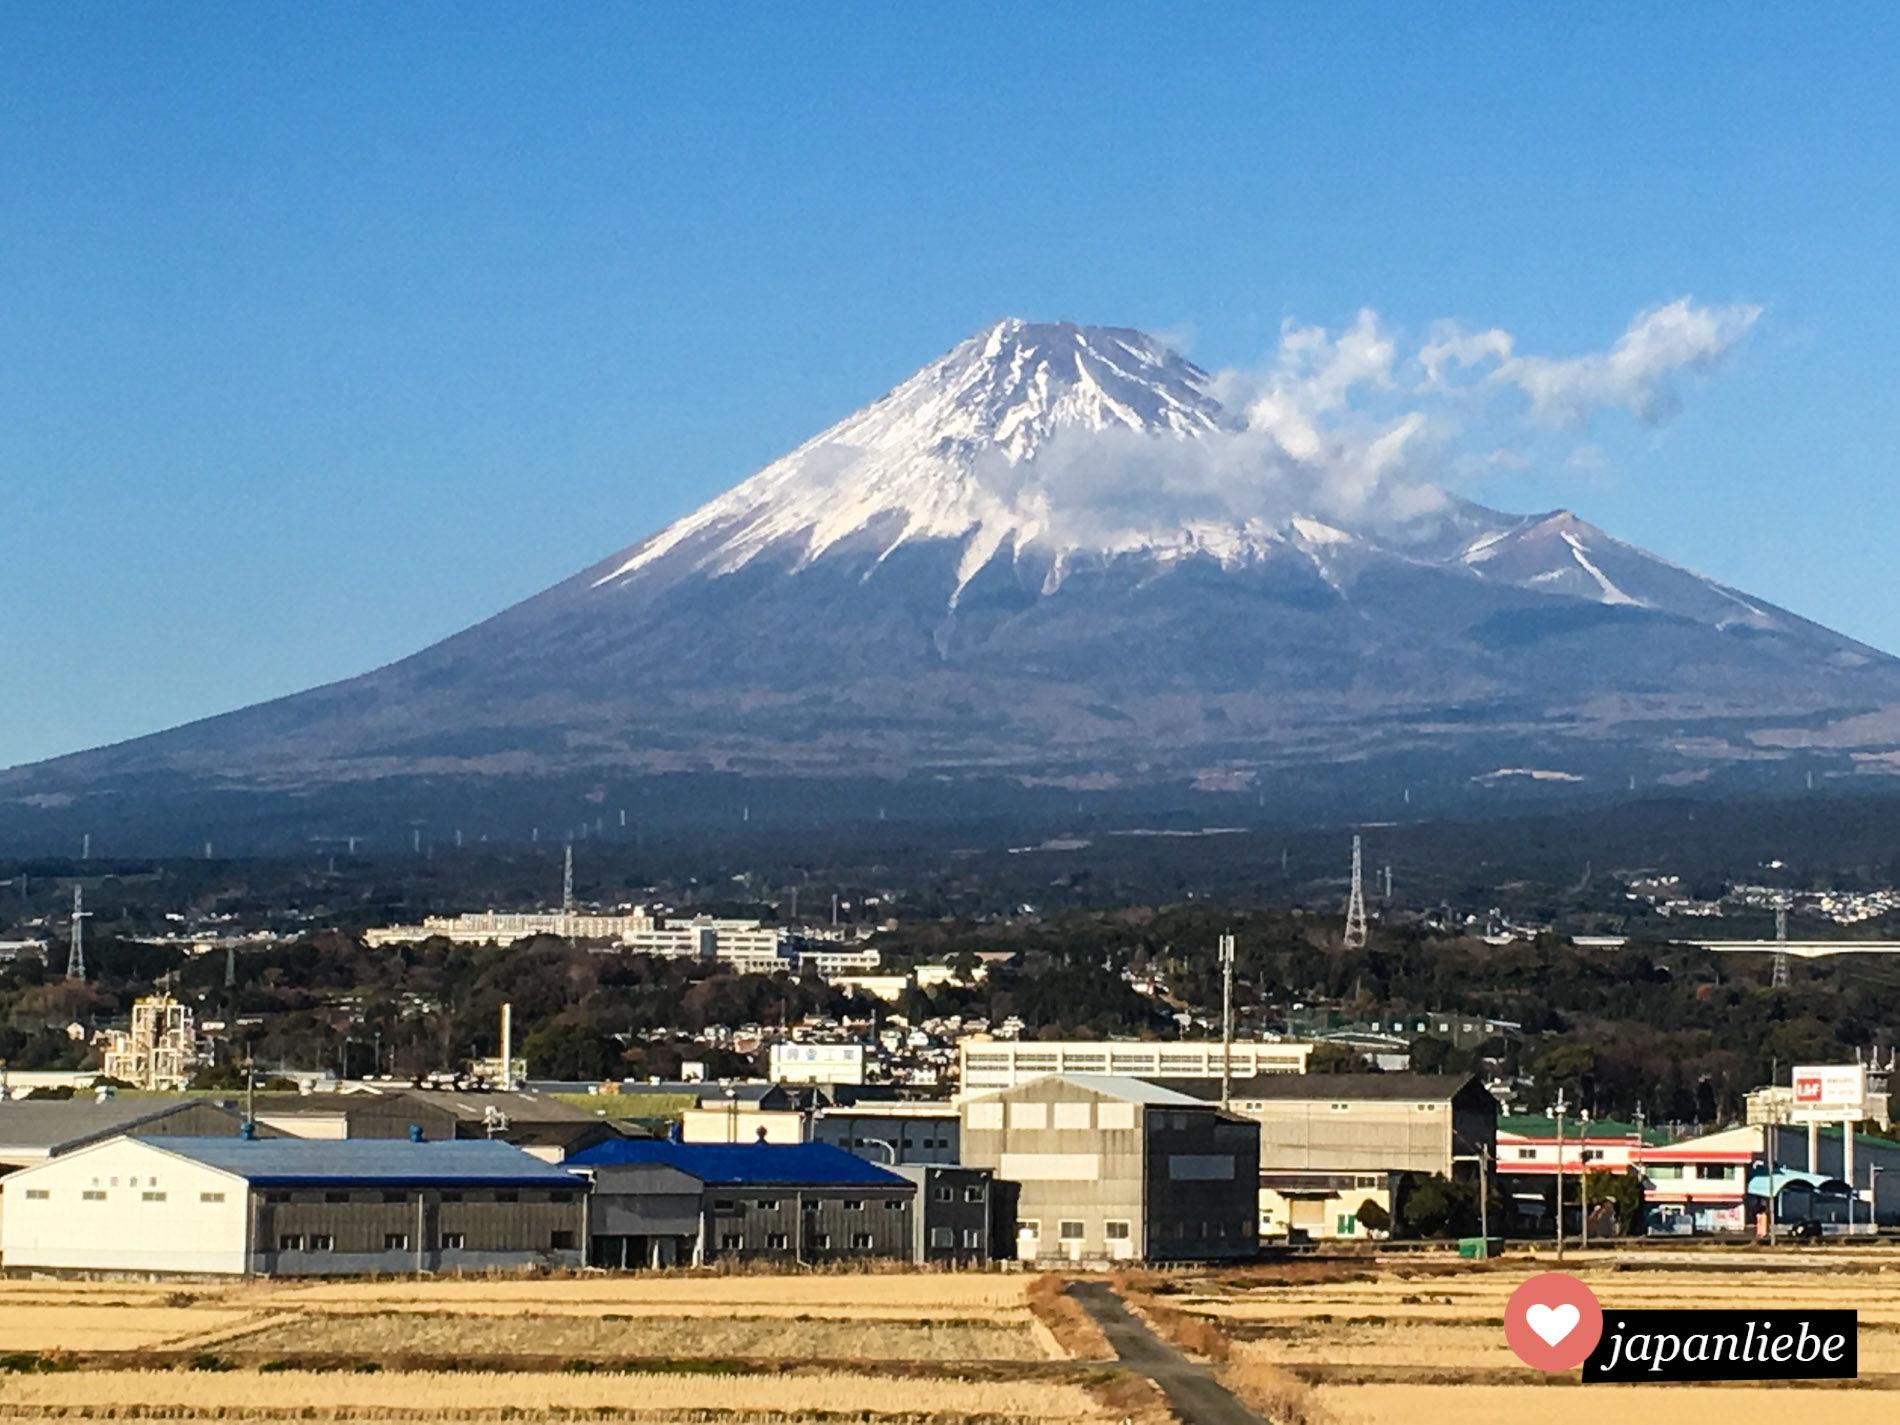 Der Fuji, Japans Wahrzeichen, vom Fenster des Shinkansen-Schnellzugs aus fotografiert.